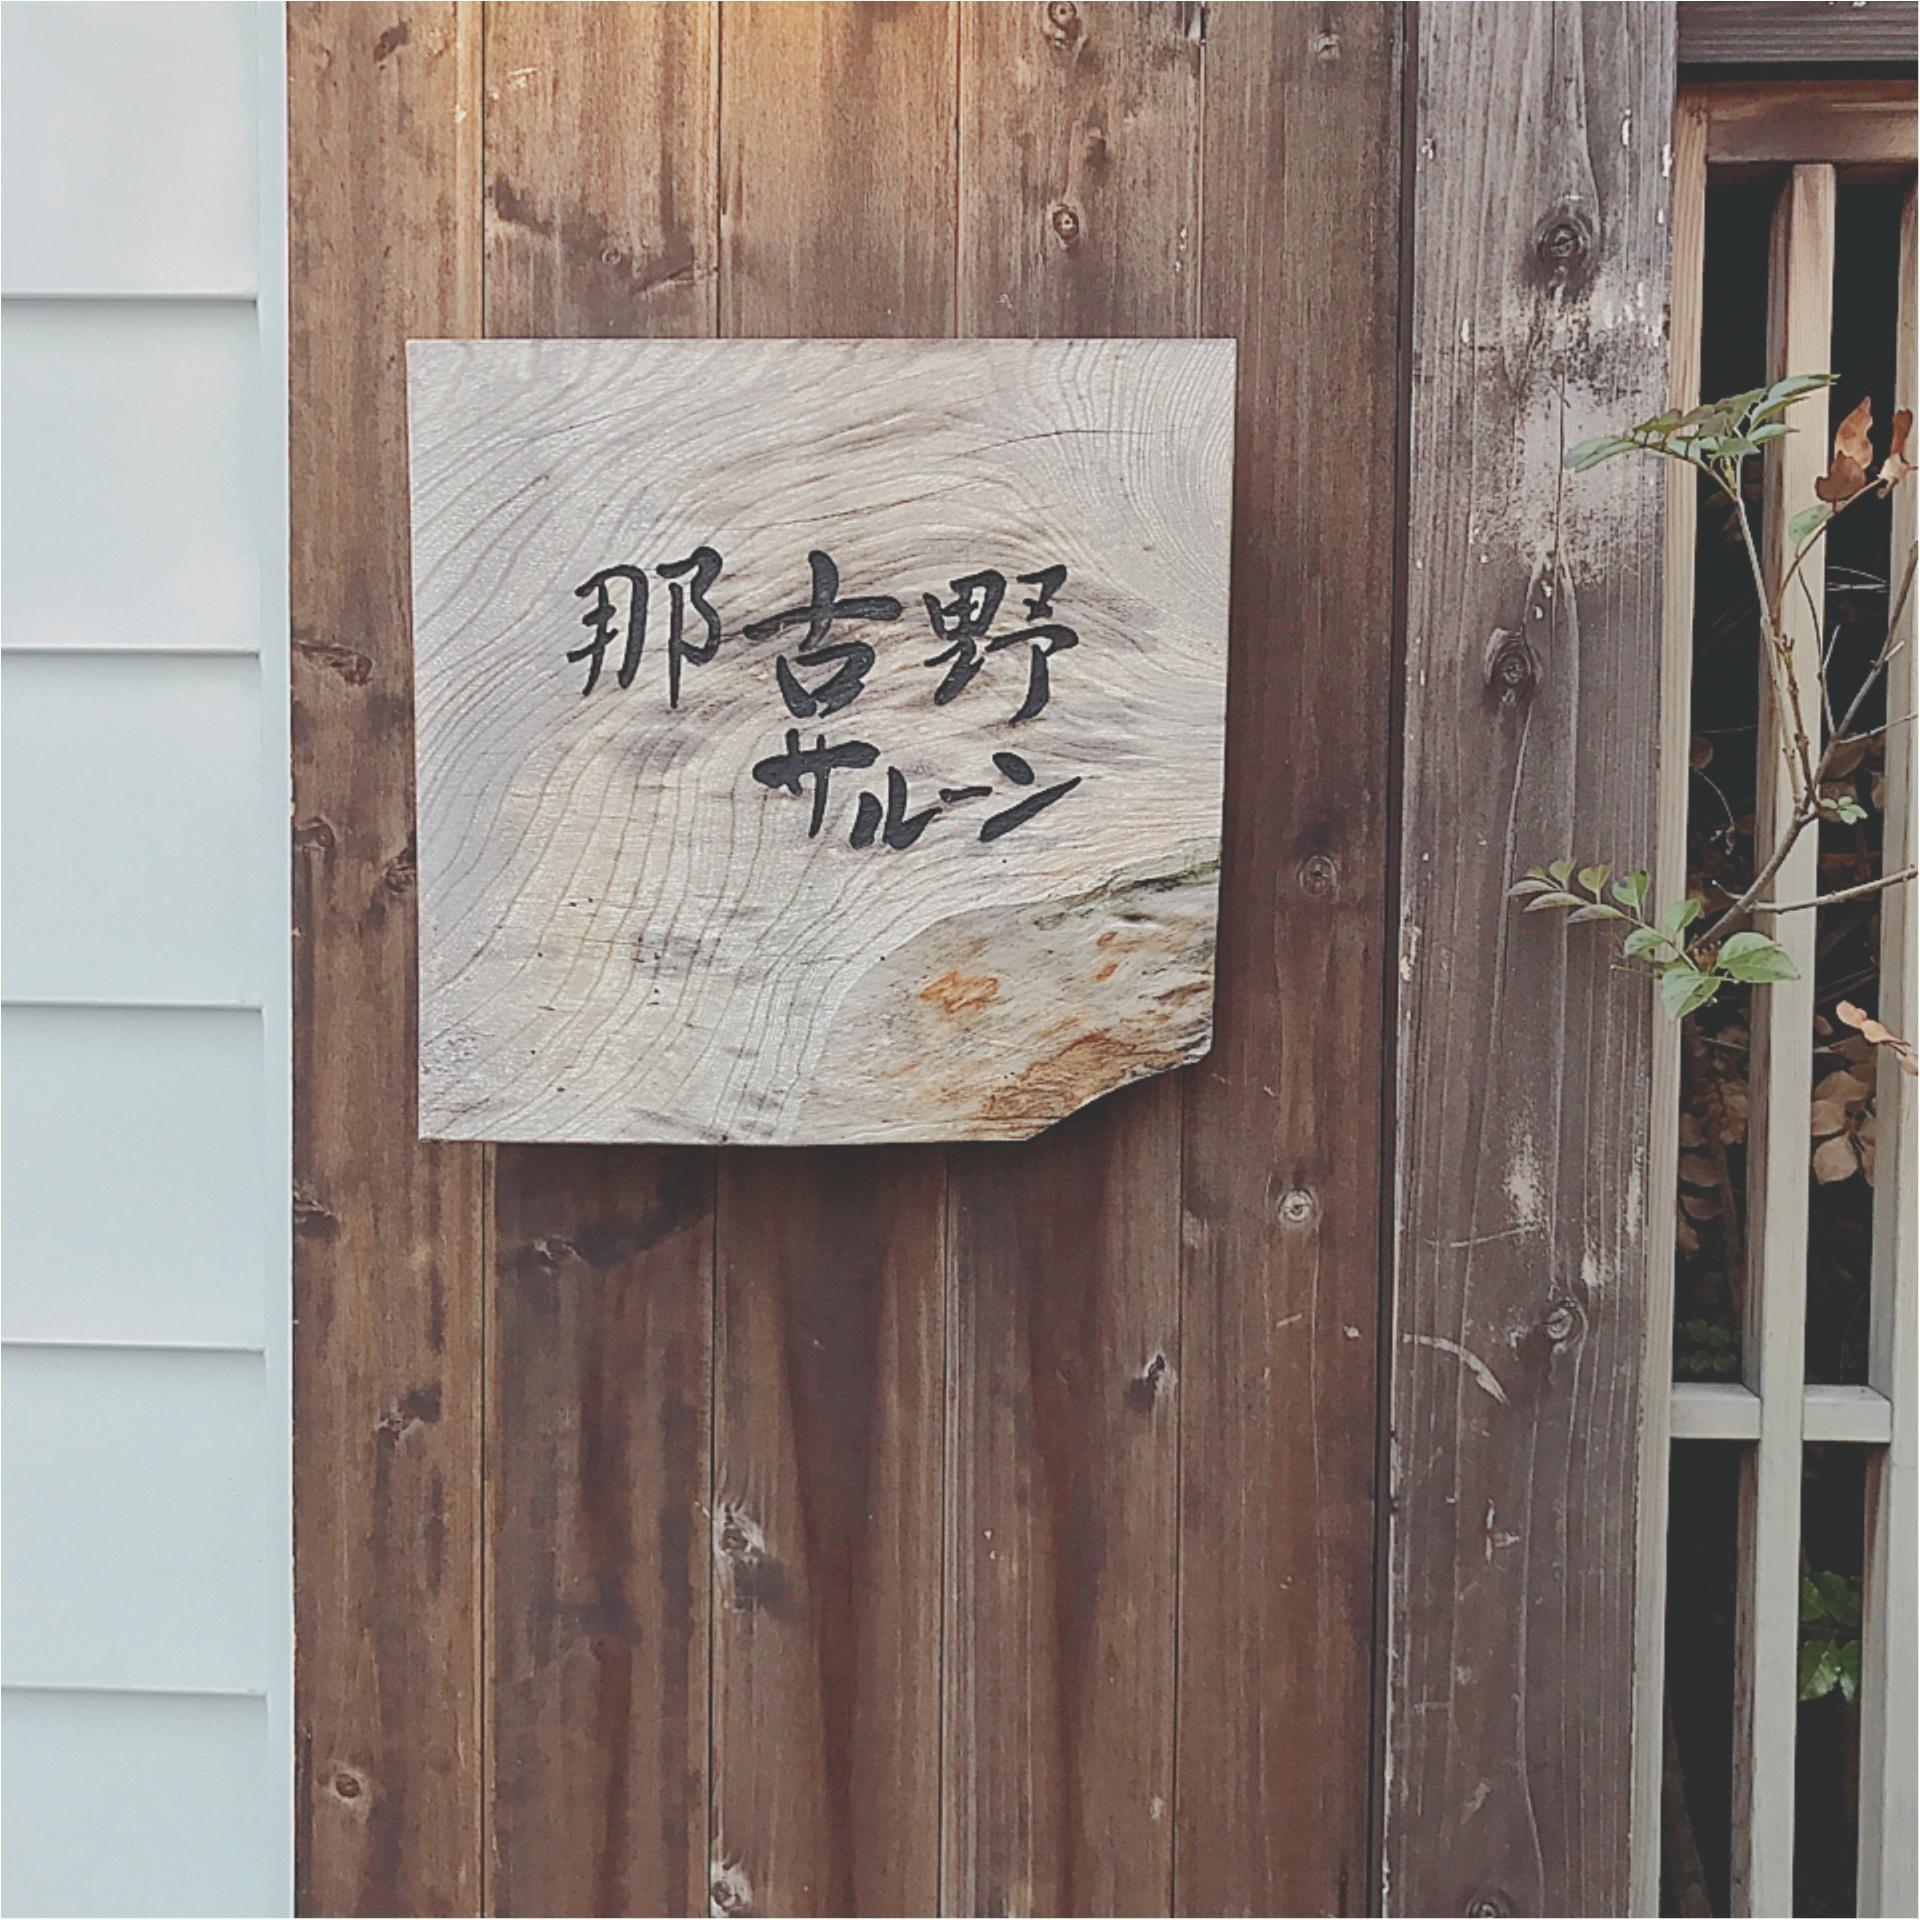 ★地元民の私が紹介するのはコチラ!名古屋に来たら、連れて行きたい絶品おでん屋さん『那古野サルーン』★_1